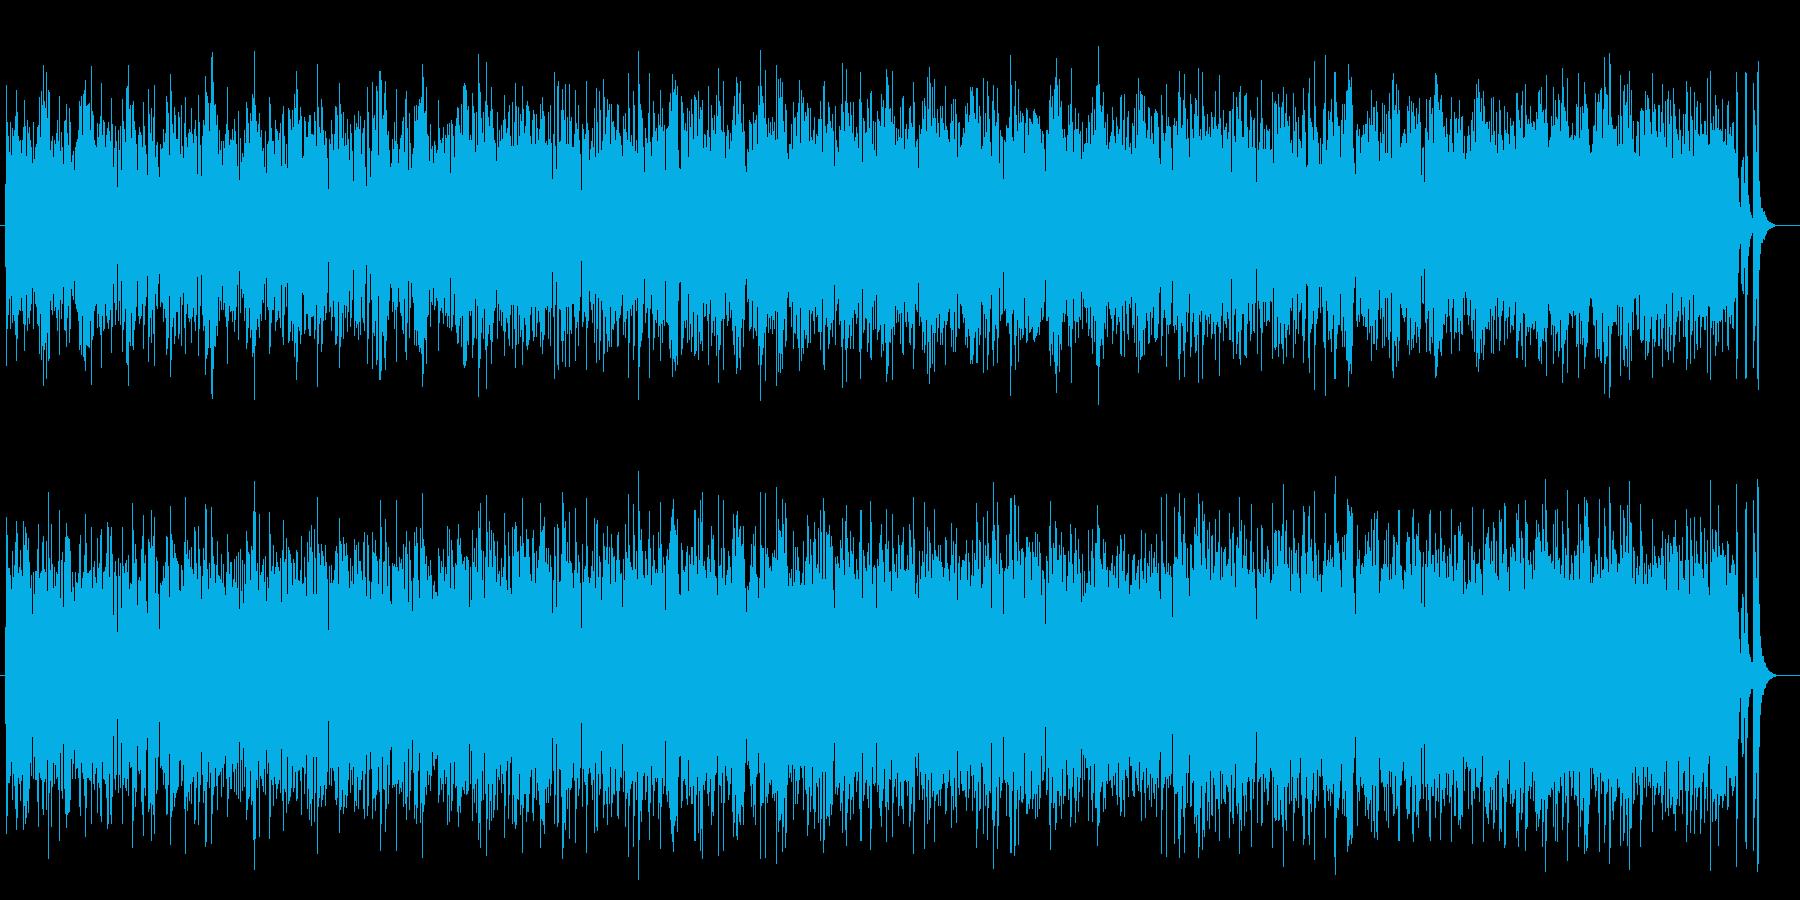 さわやかなポップフュージョンの再生済みの波形